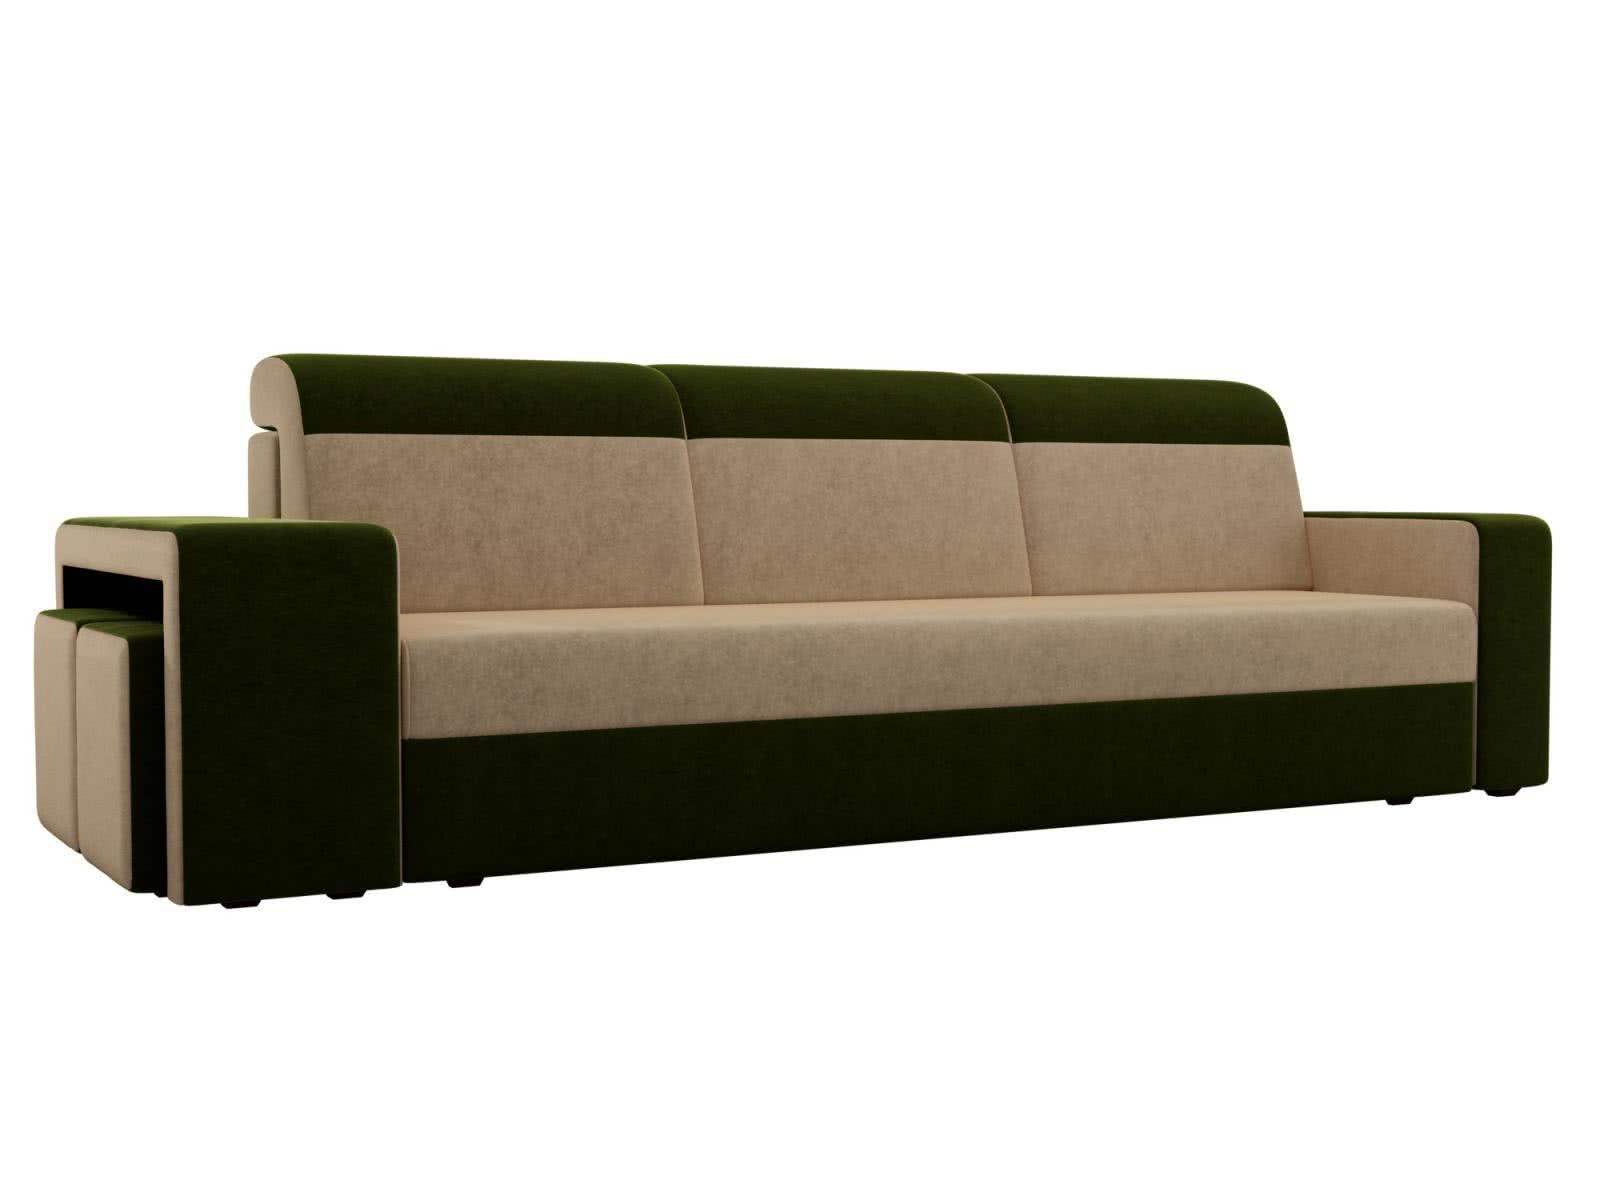 Диван прямой Мебелико Модена с двумя пуфами микровельвет бежевый/зеленый